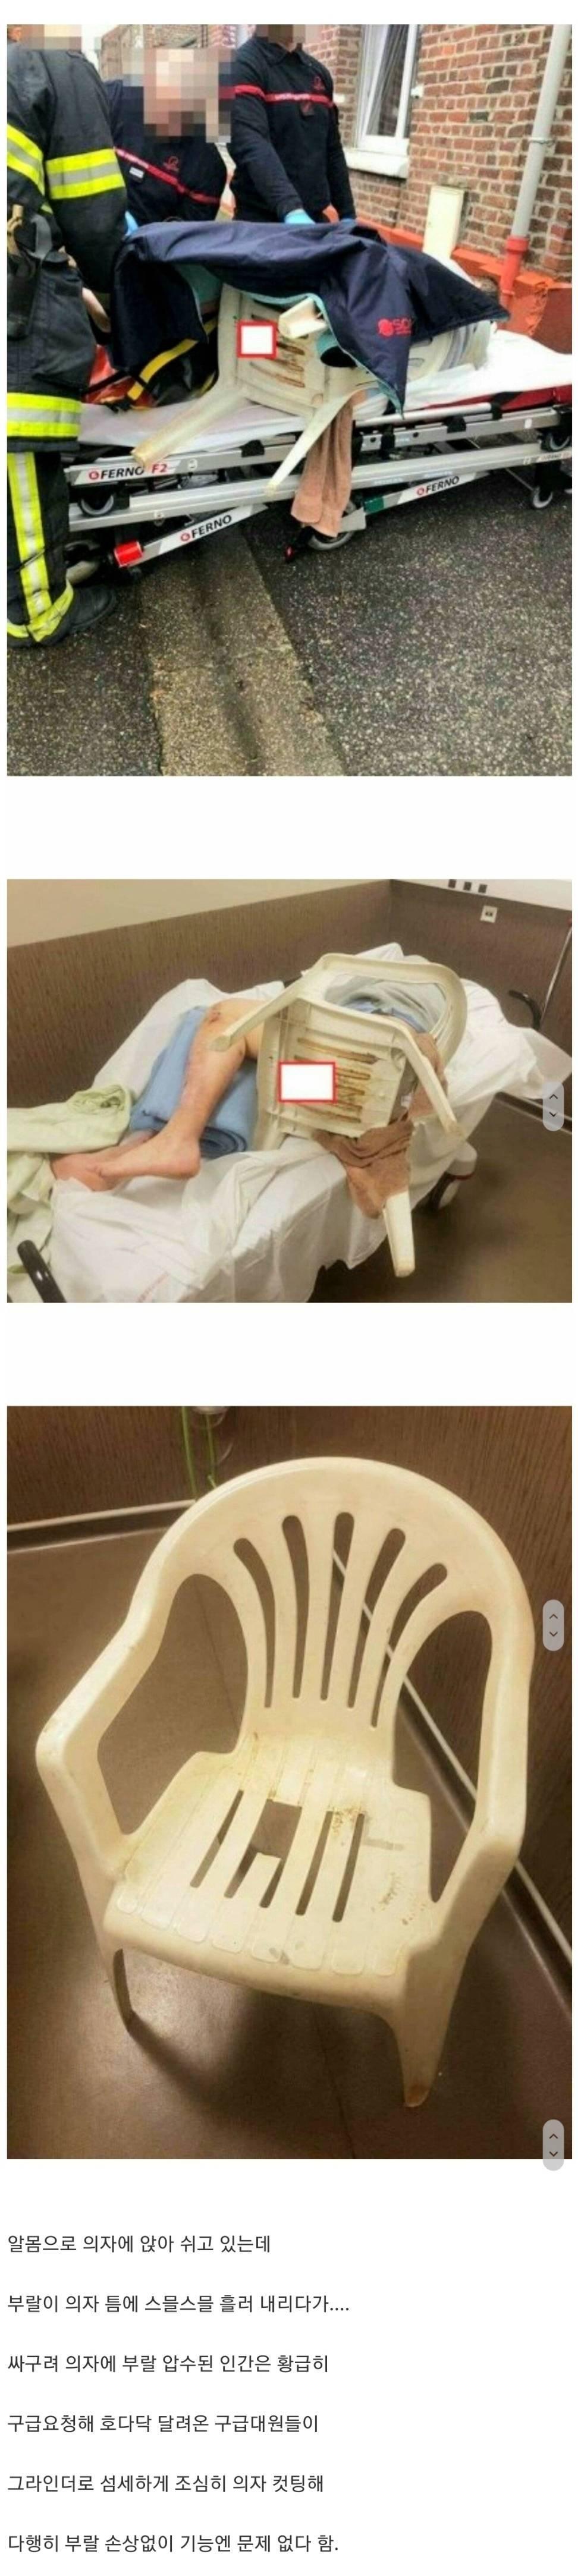 플라스틱 의자에 앉았다가 소중이를 잃을뻔한 사람들 | 인스티즈